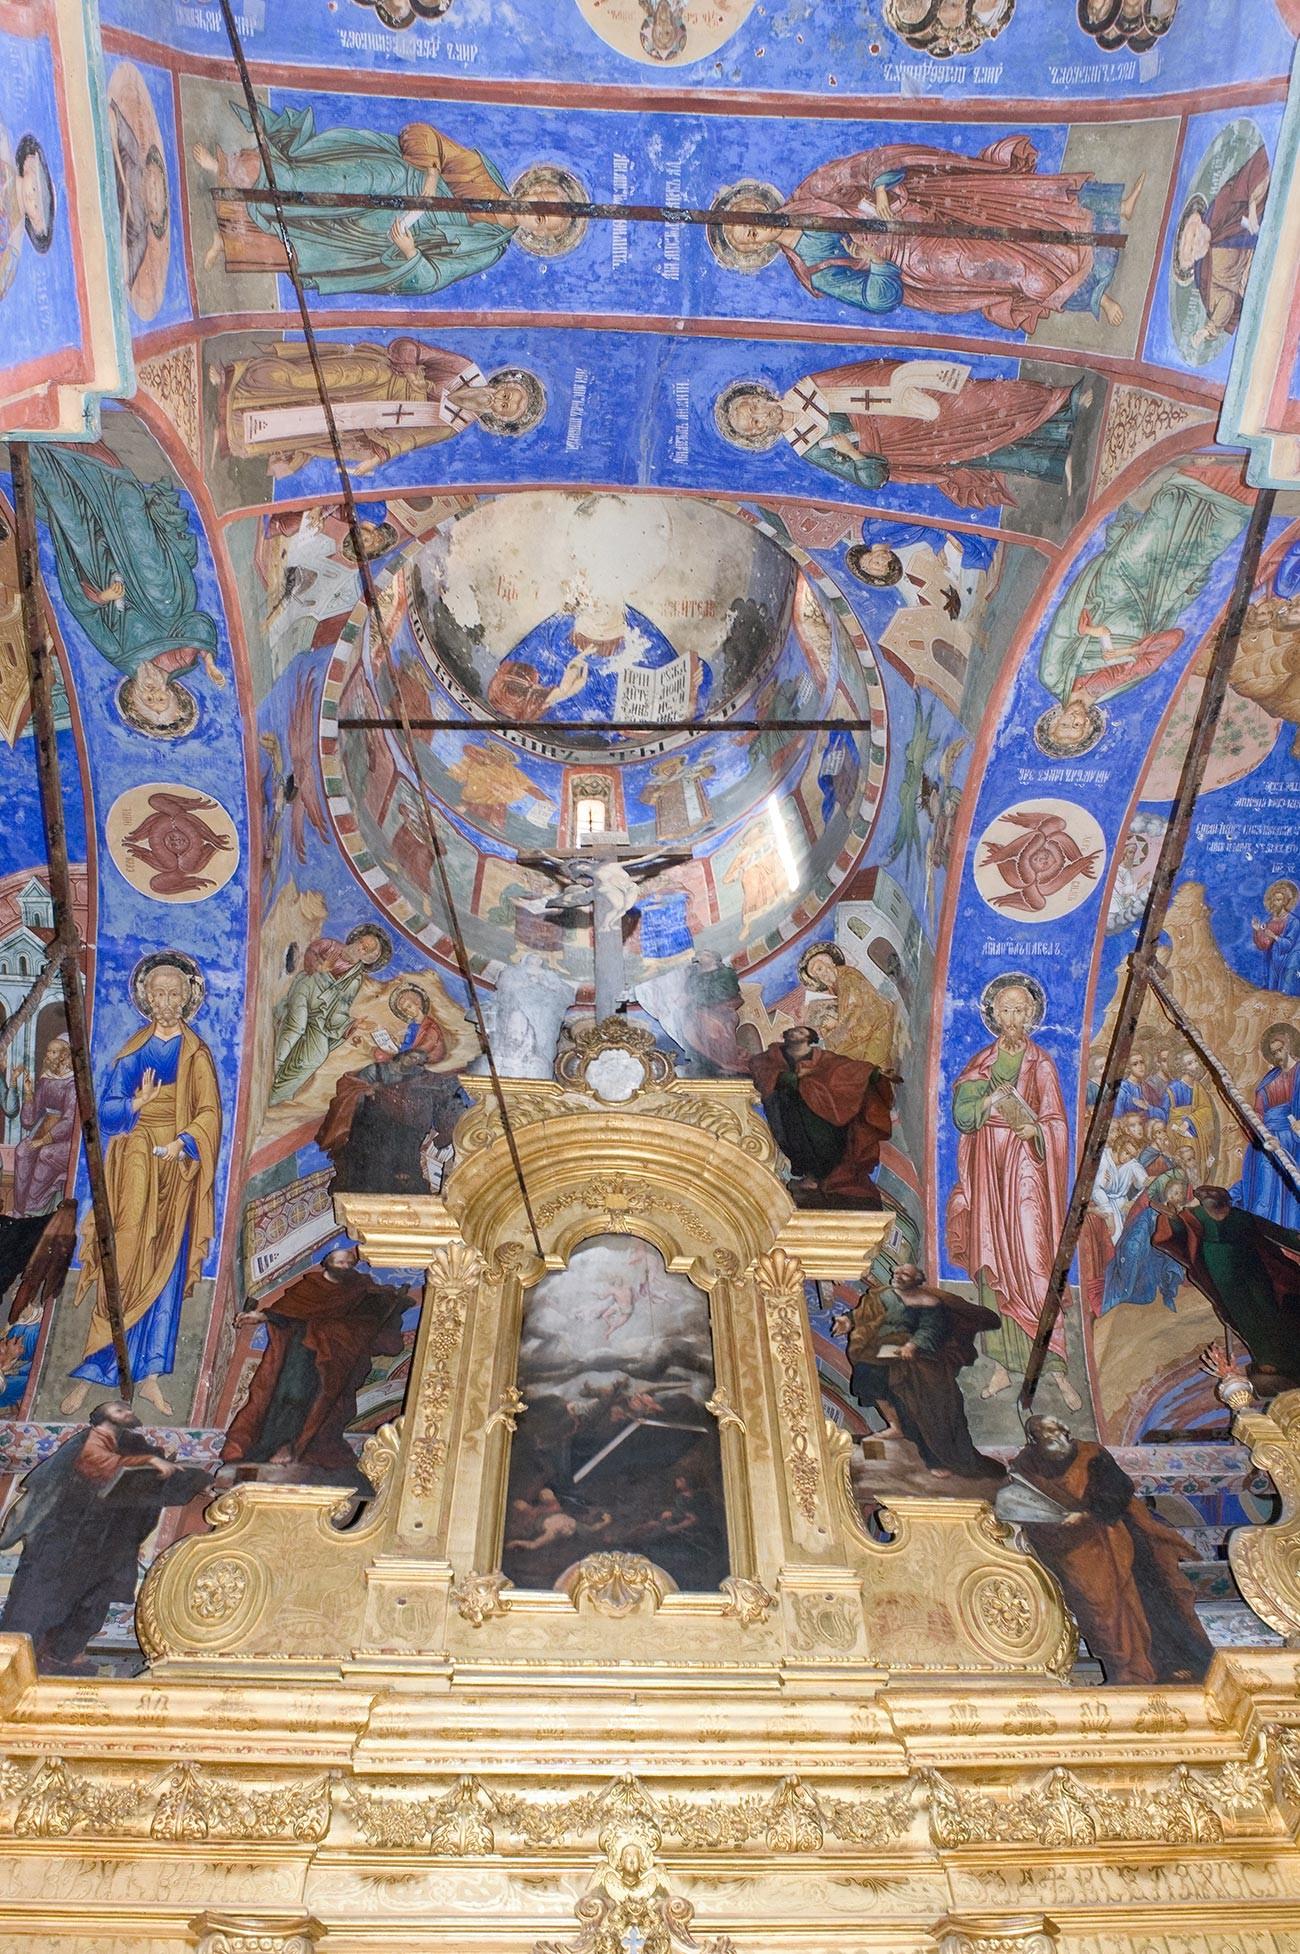 Église Saint-Nicolas Nadeïn. Partie supérieure de l'iconostase avec l'icône de la Transfiguration. Au-dessus : croix centrale et dôme (image du Christ Pantocrator abîmée).